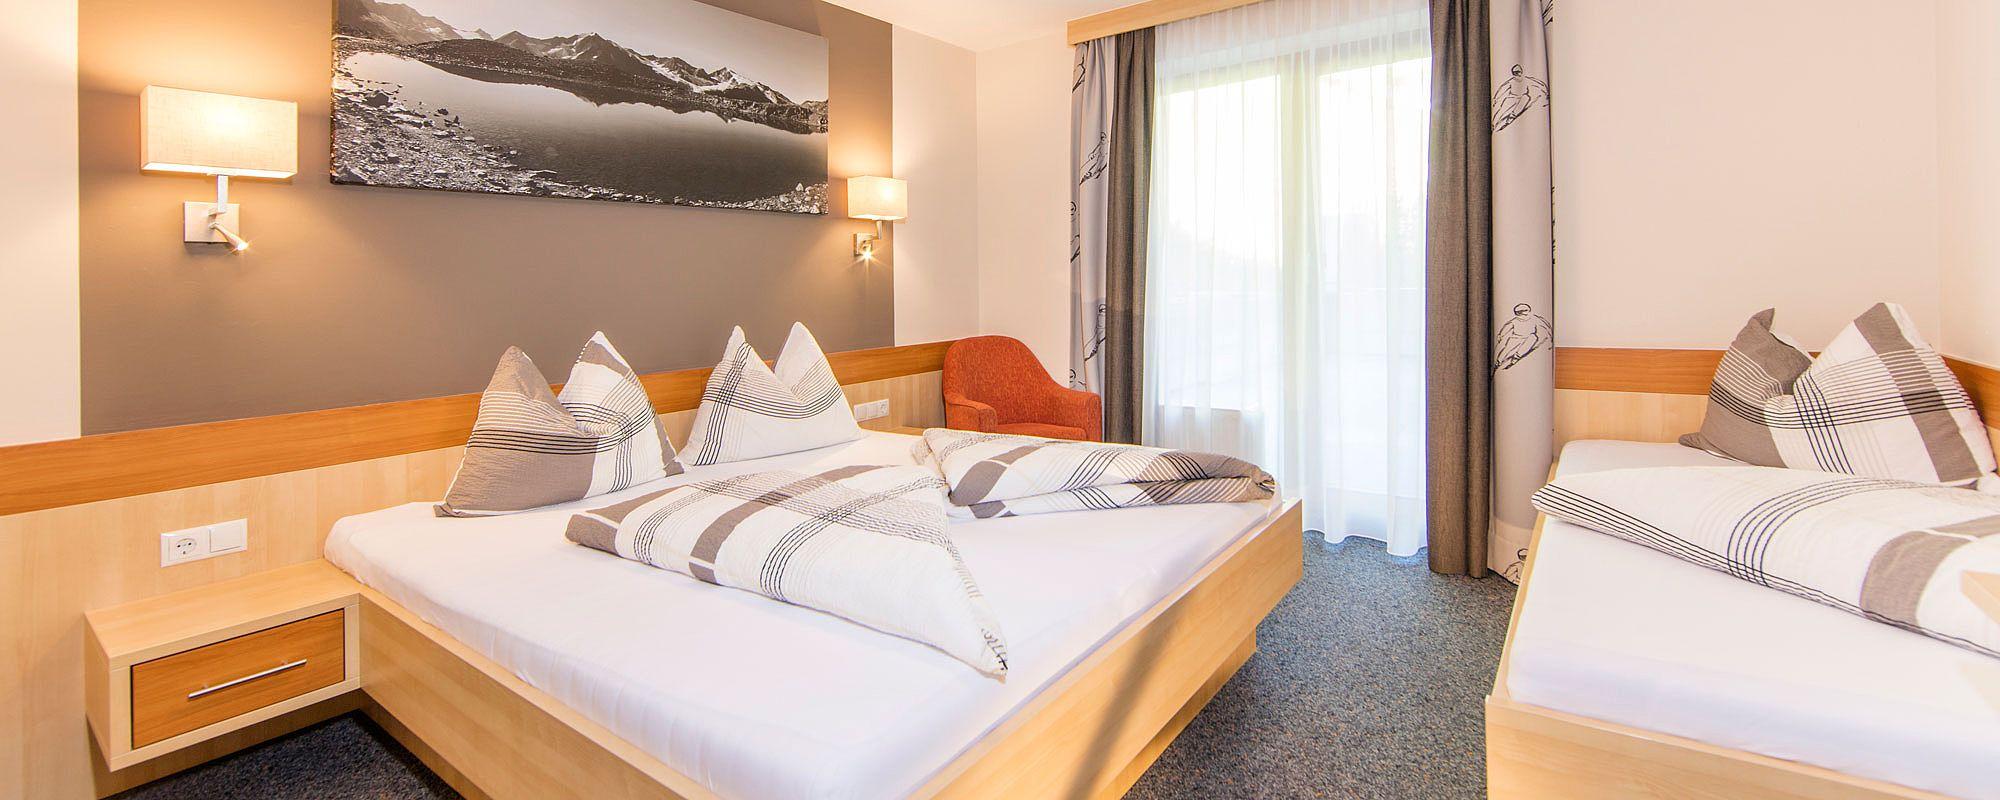 Appartementzimmer mit Doppelbett und Einzelbett